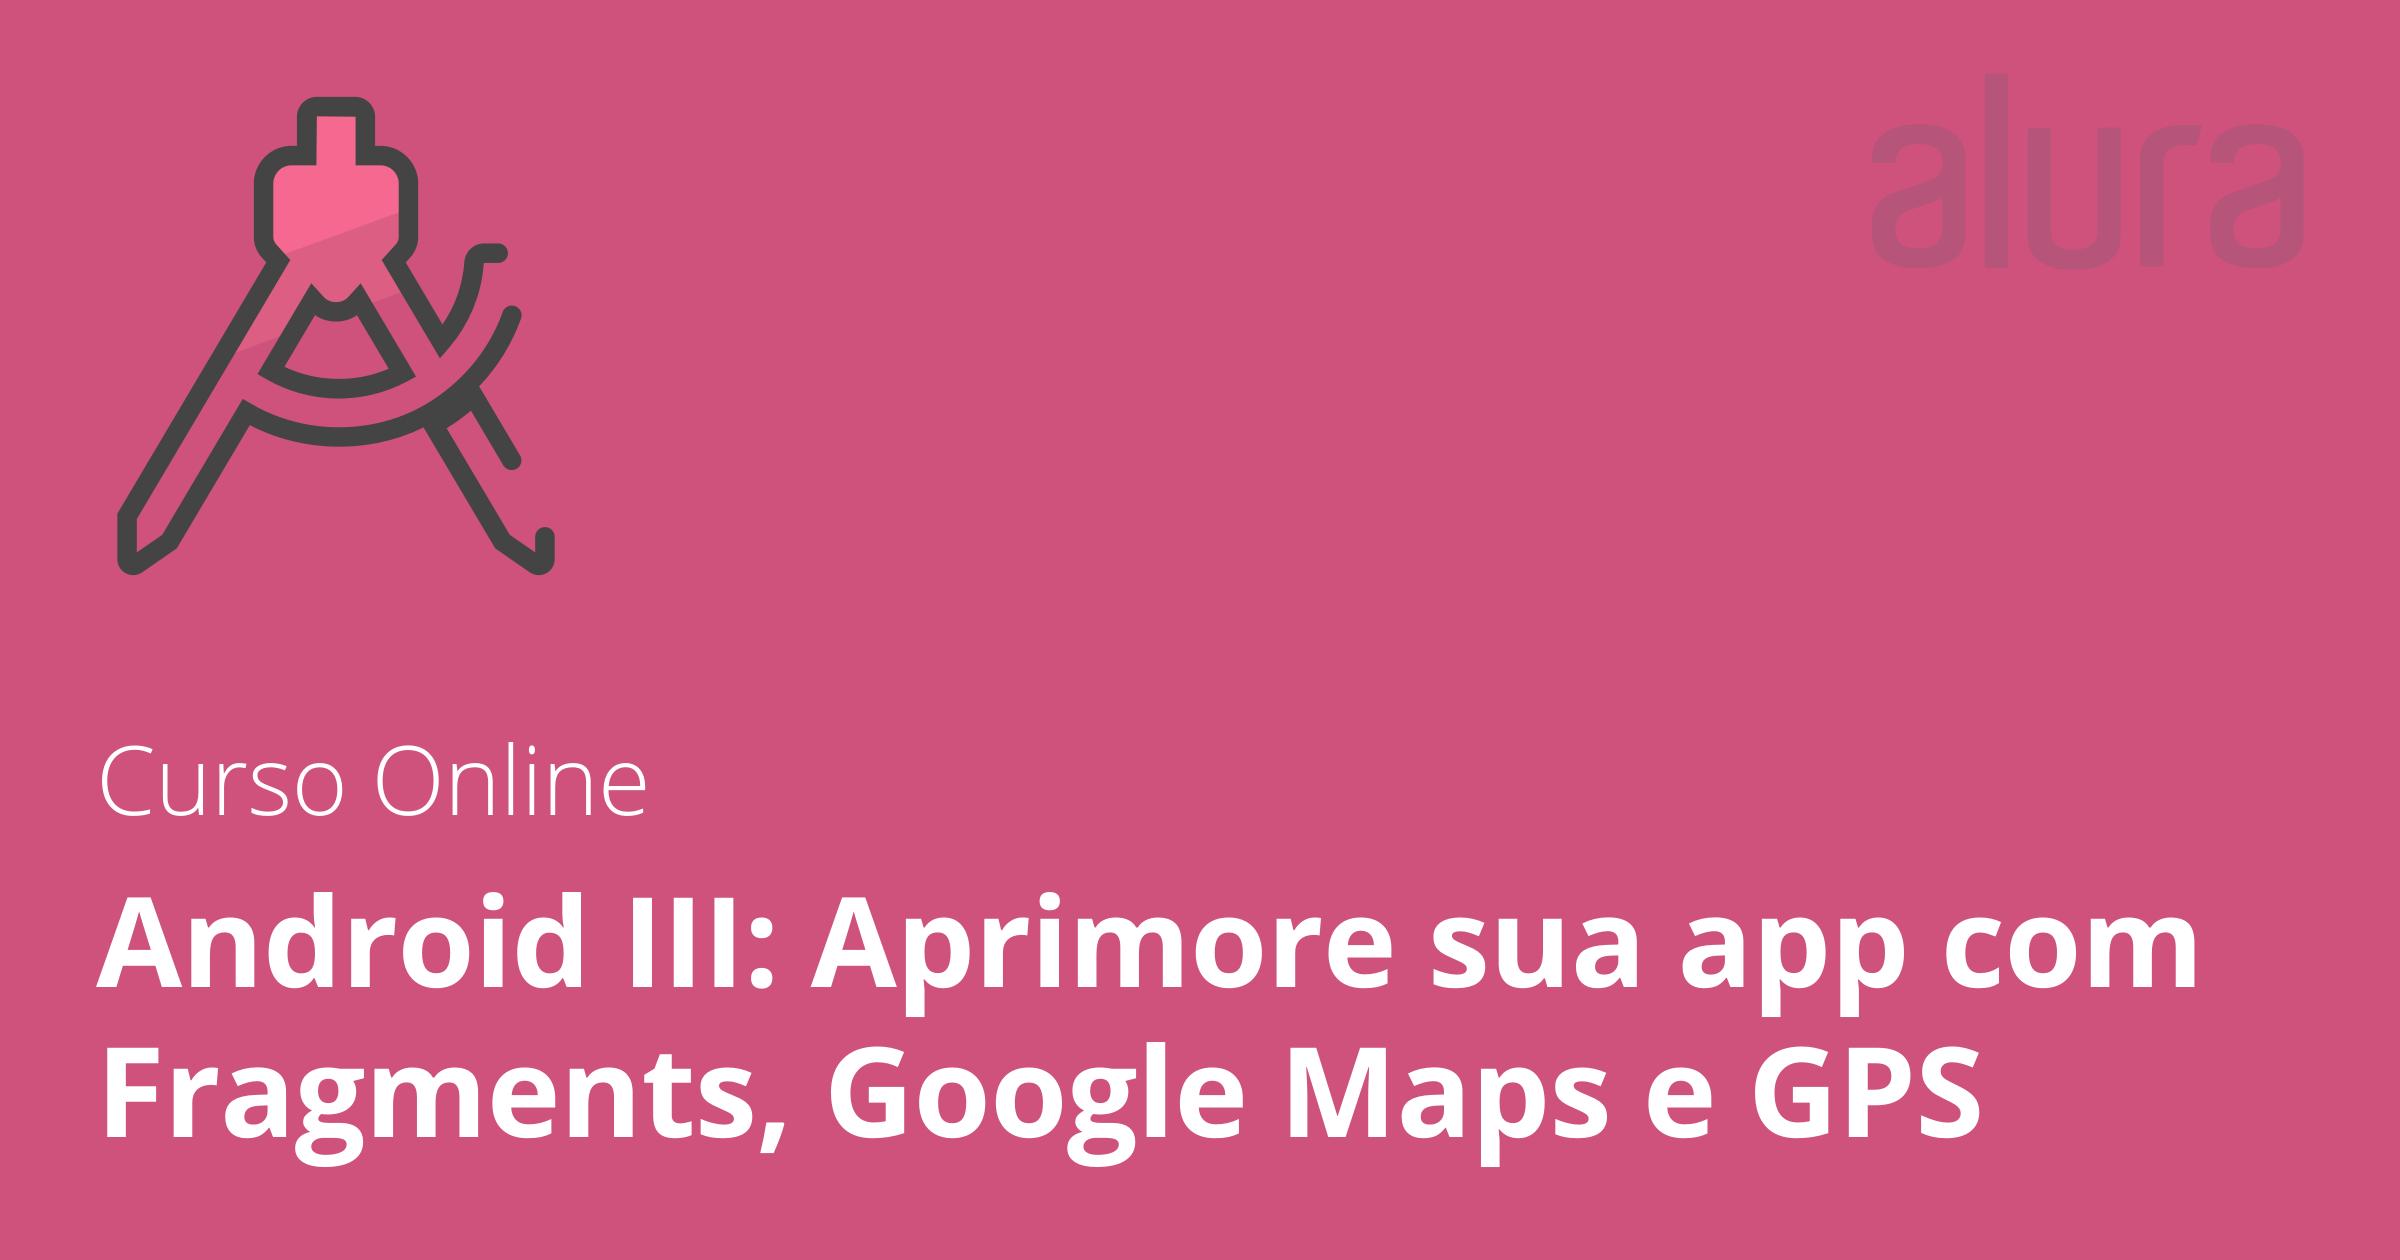 Aula do curso Android III: Aprimore sua app com Fragments, Google Maps e GPS